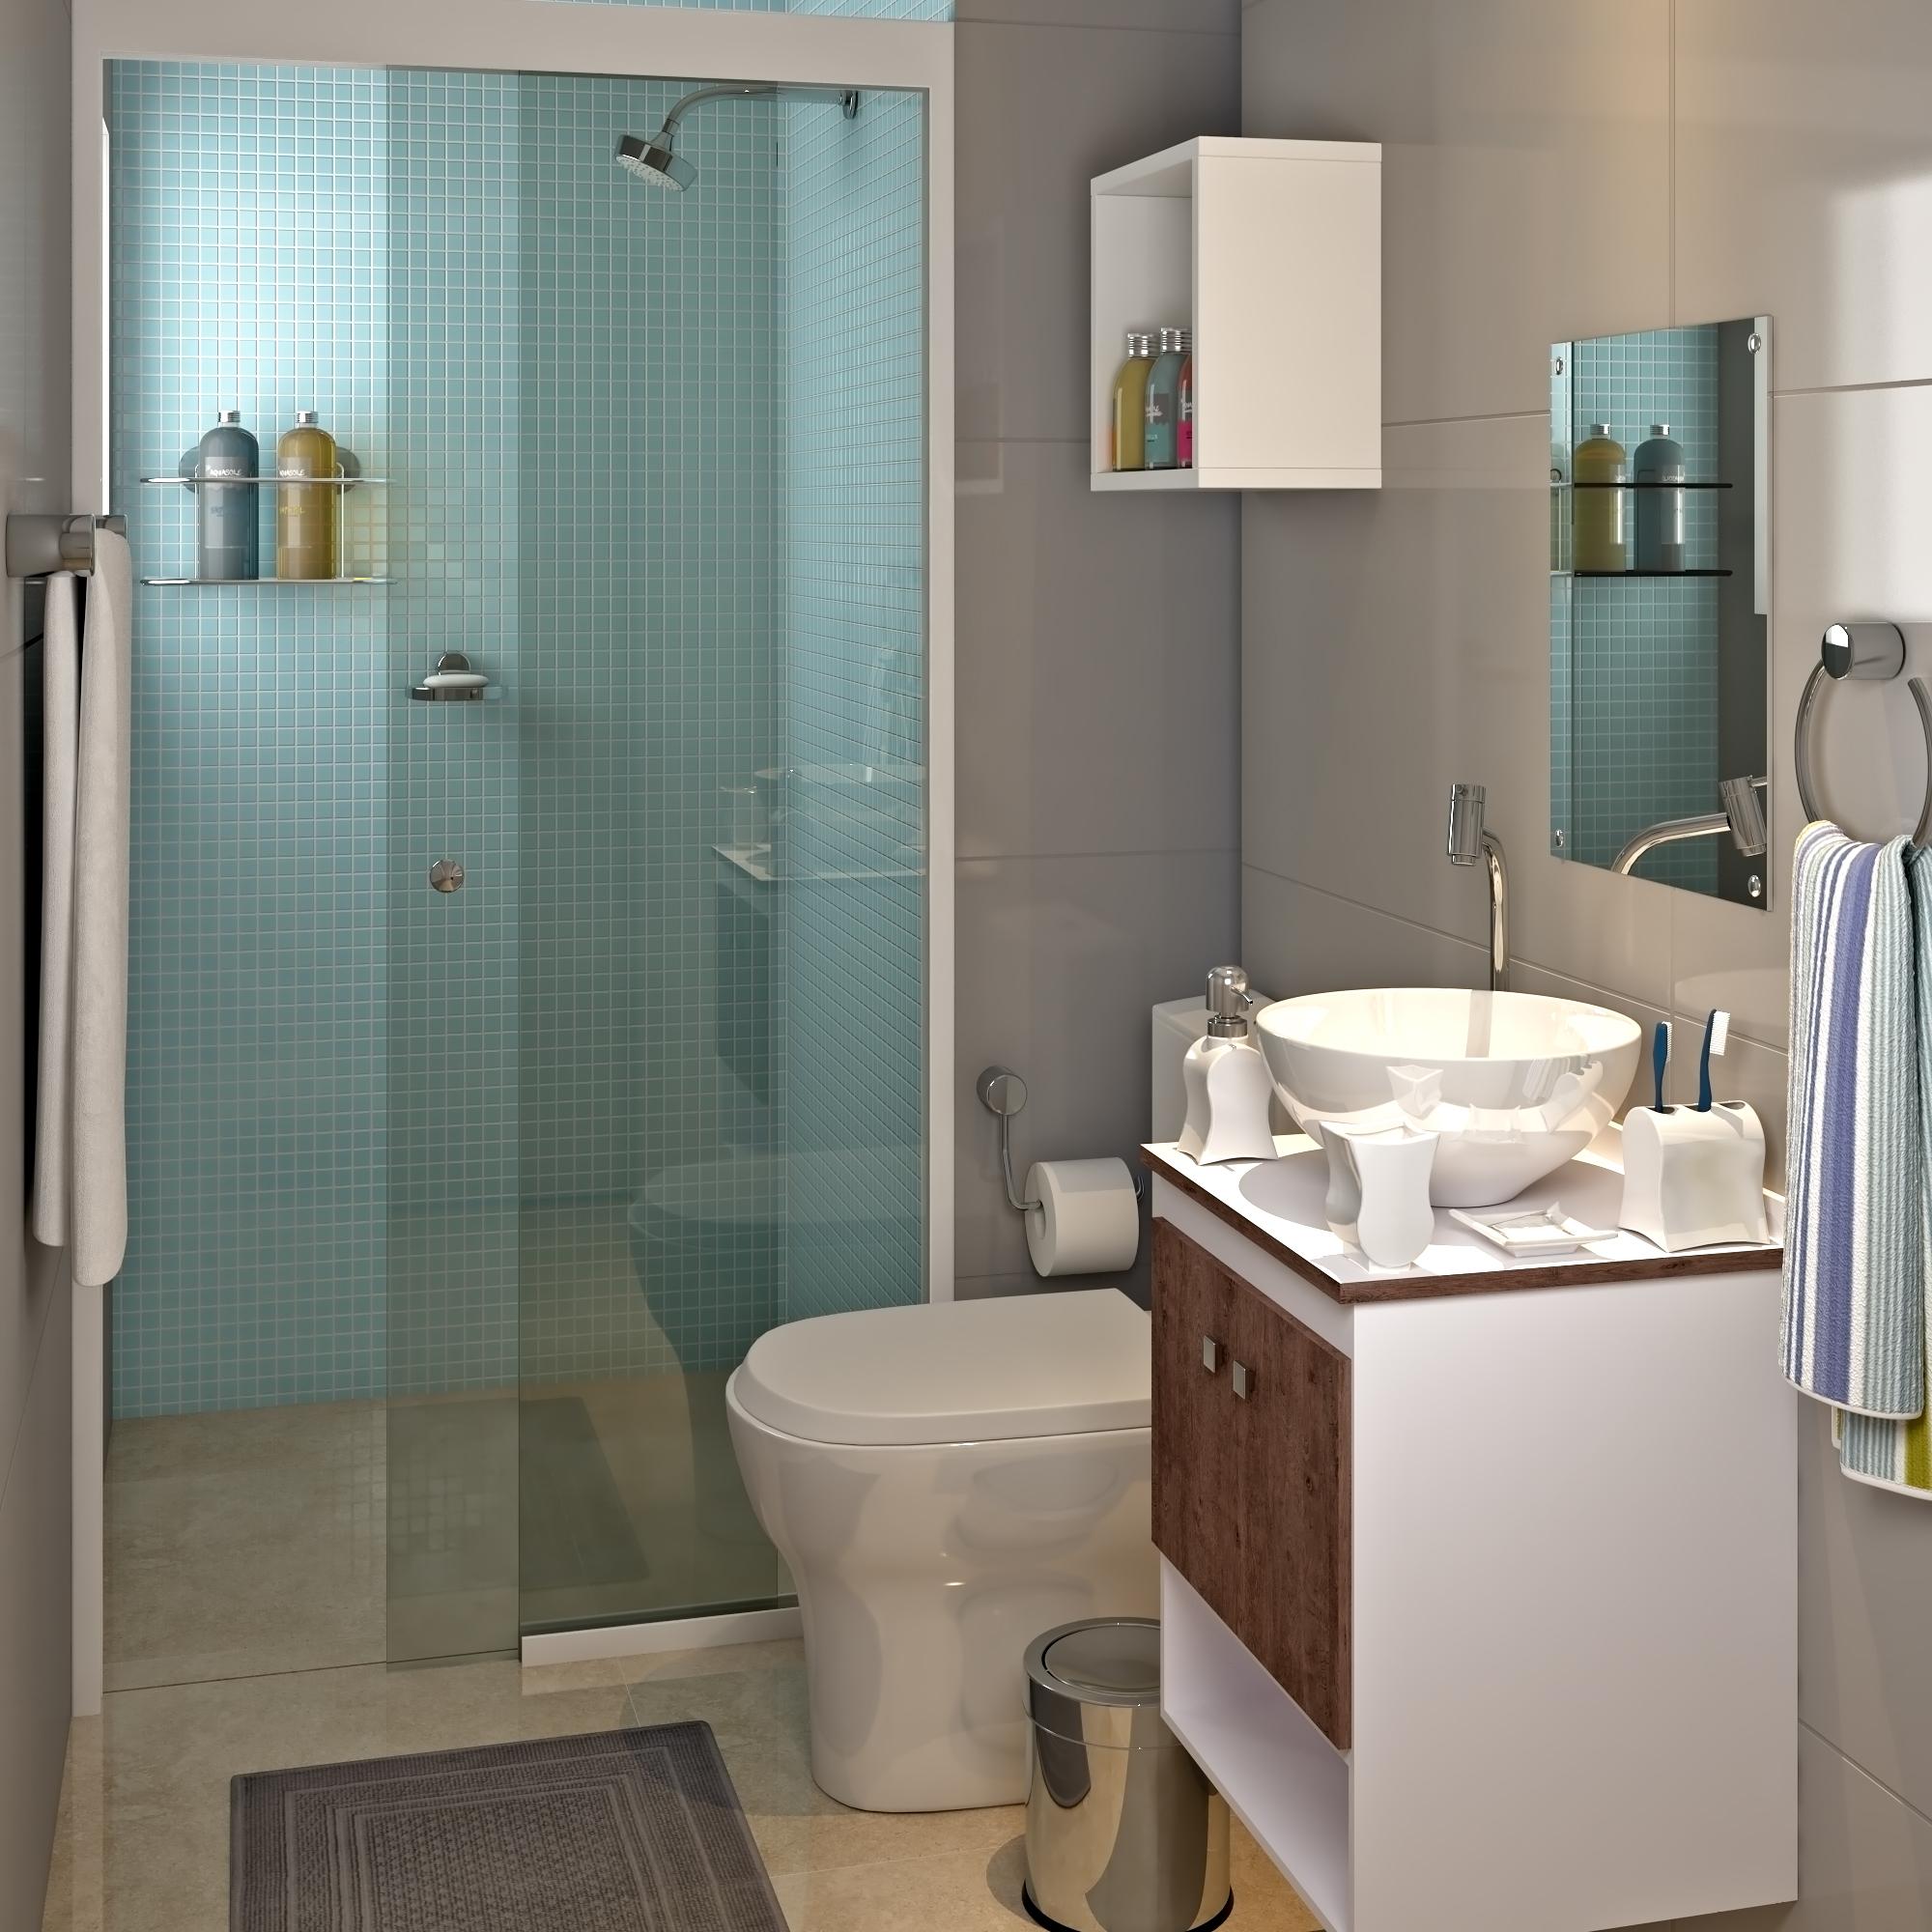 Banheiros pequenos 4 dicas fáceis de decoraç u00e3o -> Decoração De Banheiro Simples E Pequeno